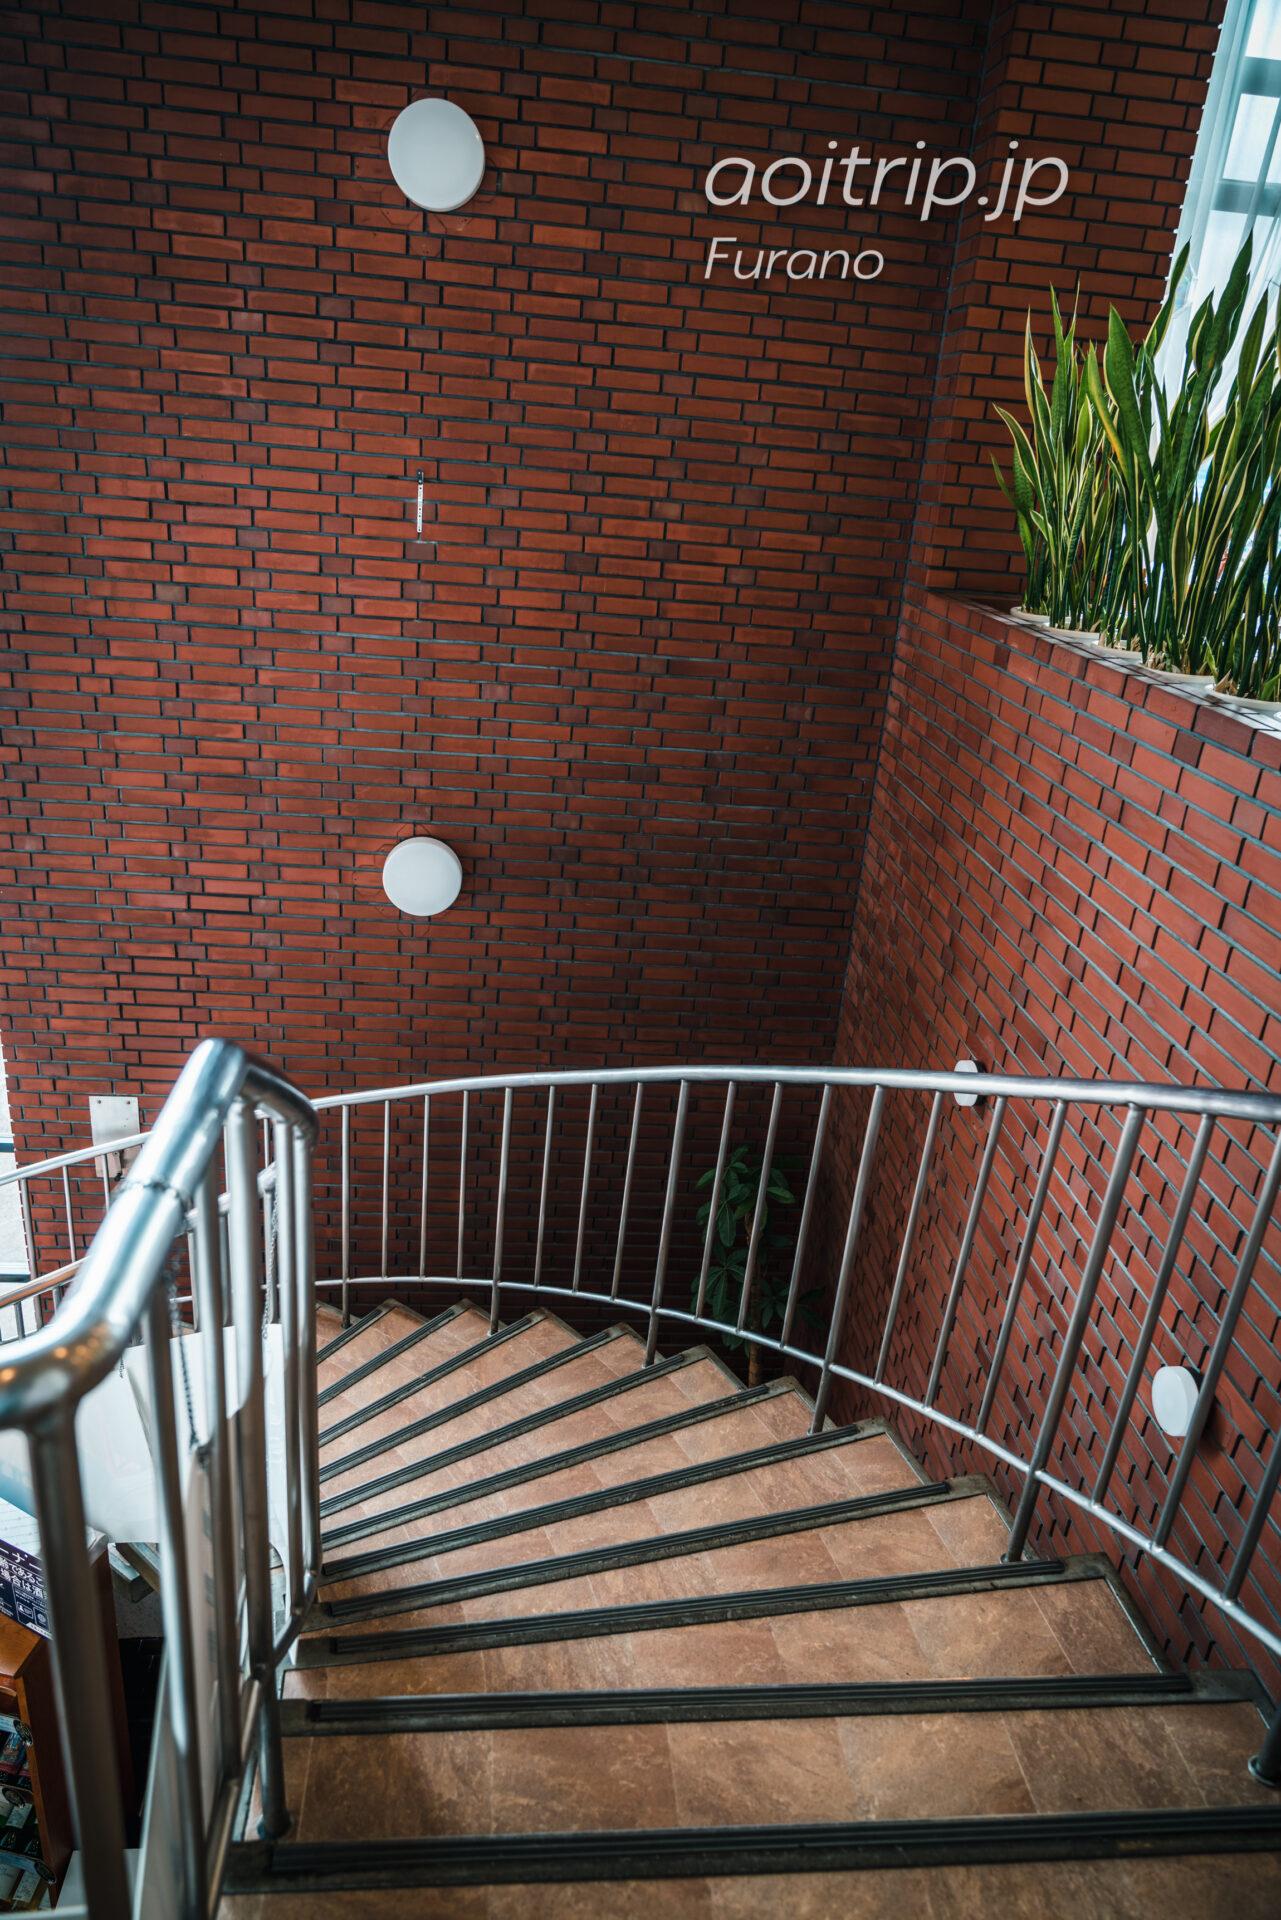 ふらのワインハウスの店内、北の国からの撮影スポット螺旋階段